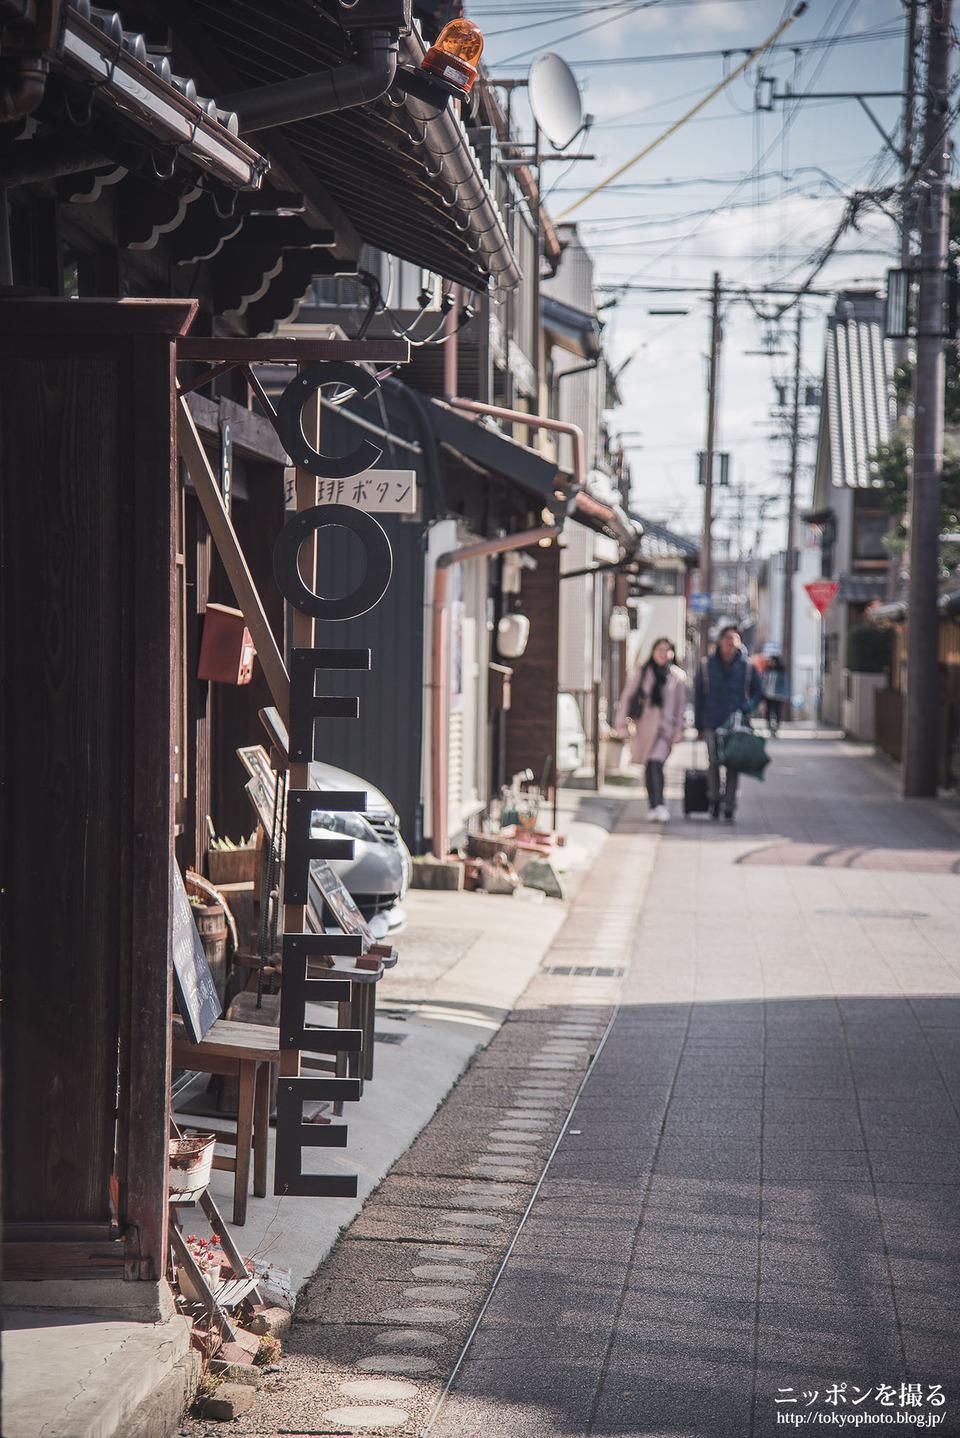 愛知県_犬山市_城下町_0097